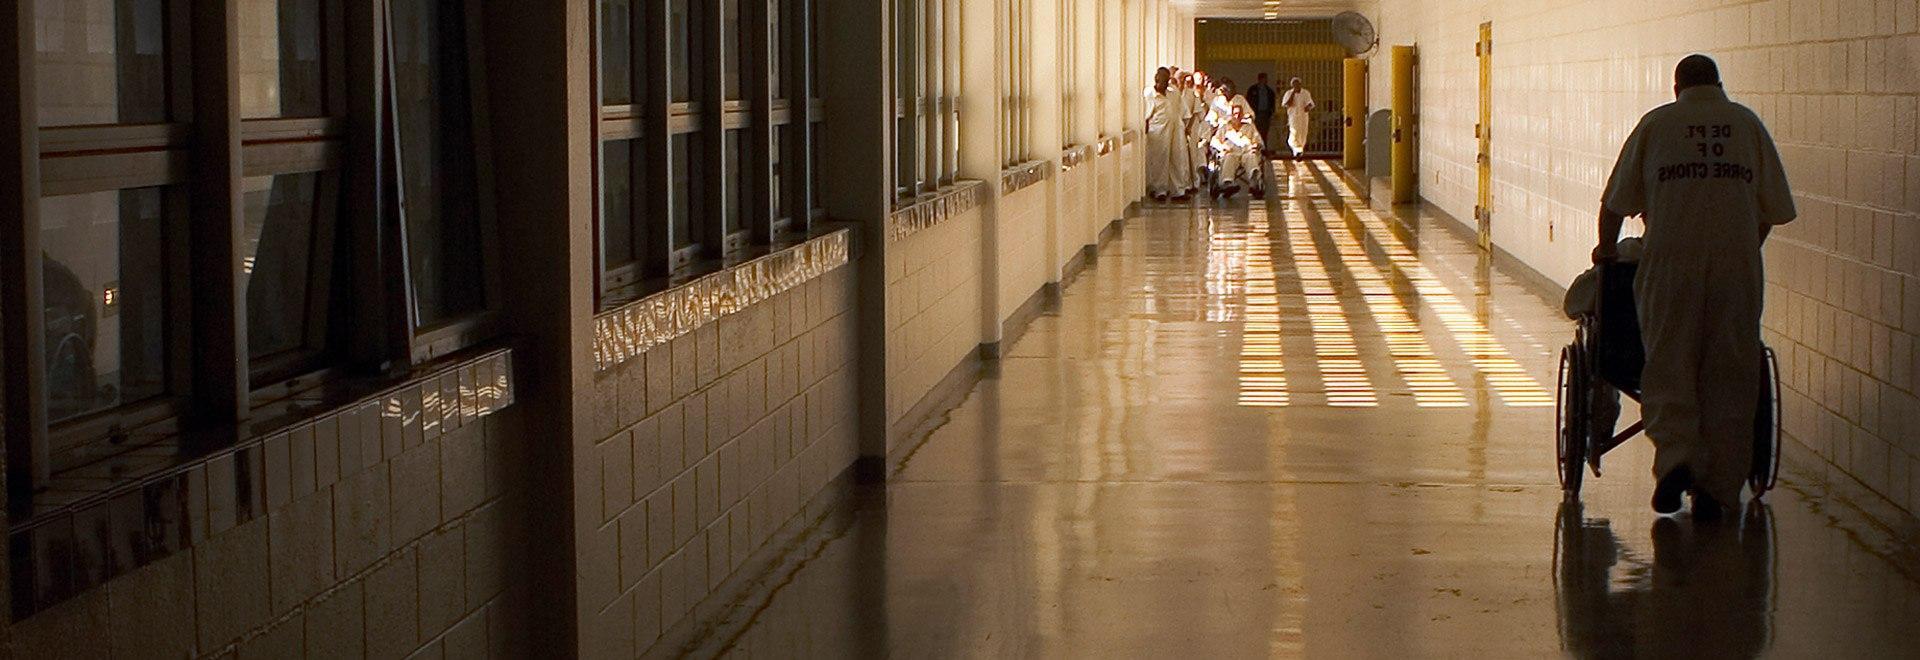 Nel centro di detenzione